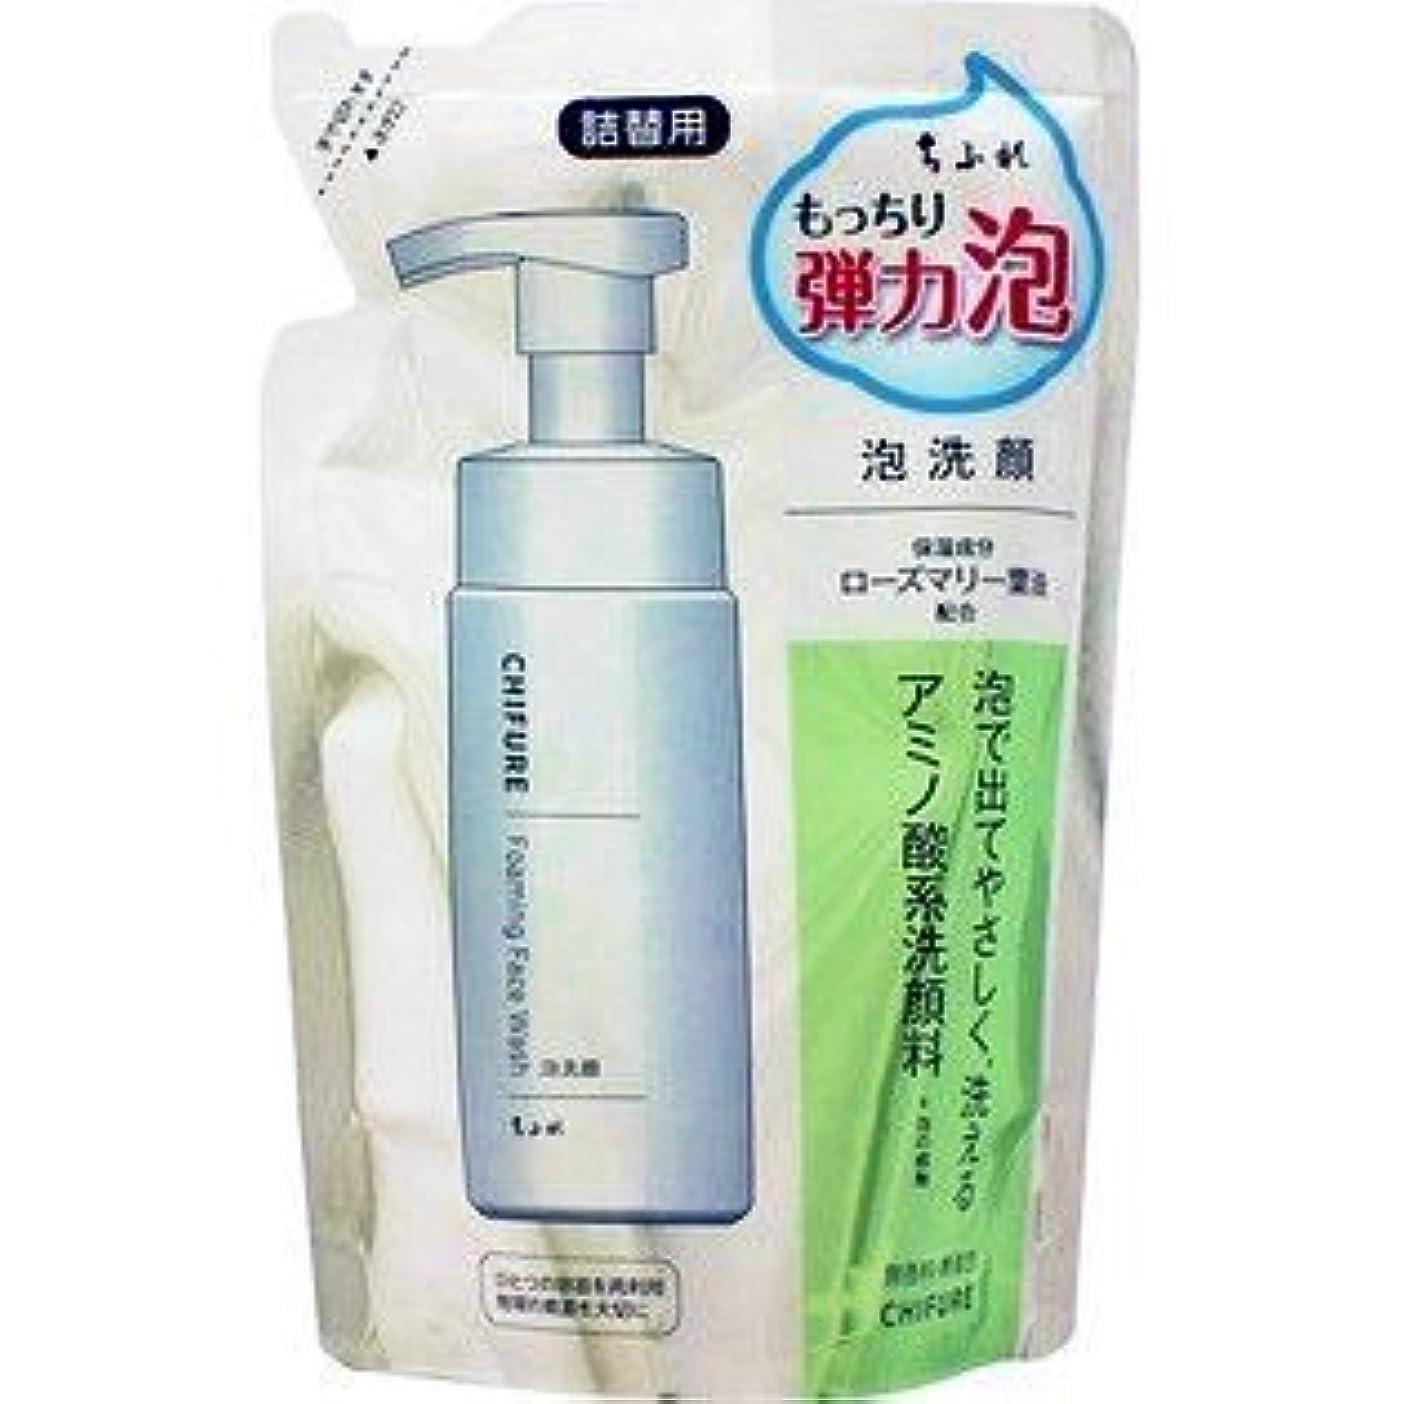 メンタリティスマッシュ少ないちふれ化粧品 ちふれ 泡洗顔 詰替用 180ml